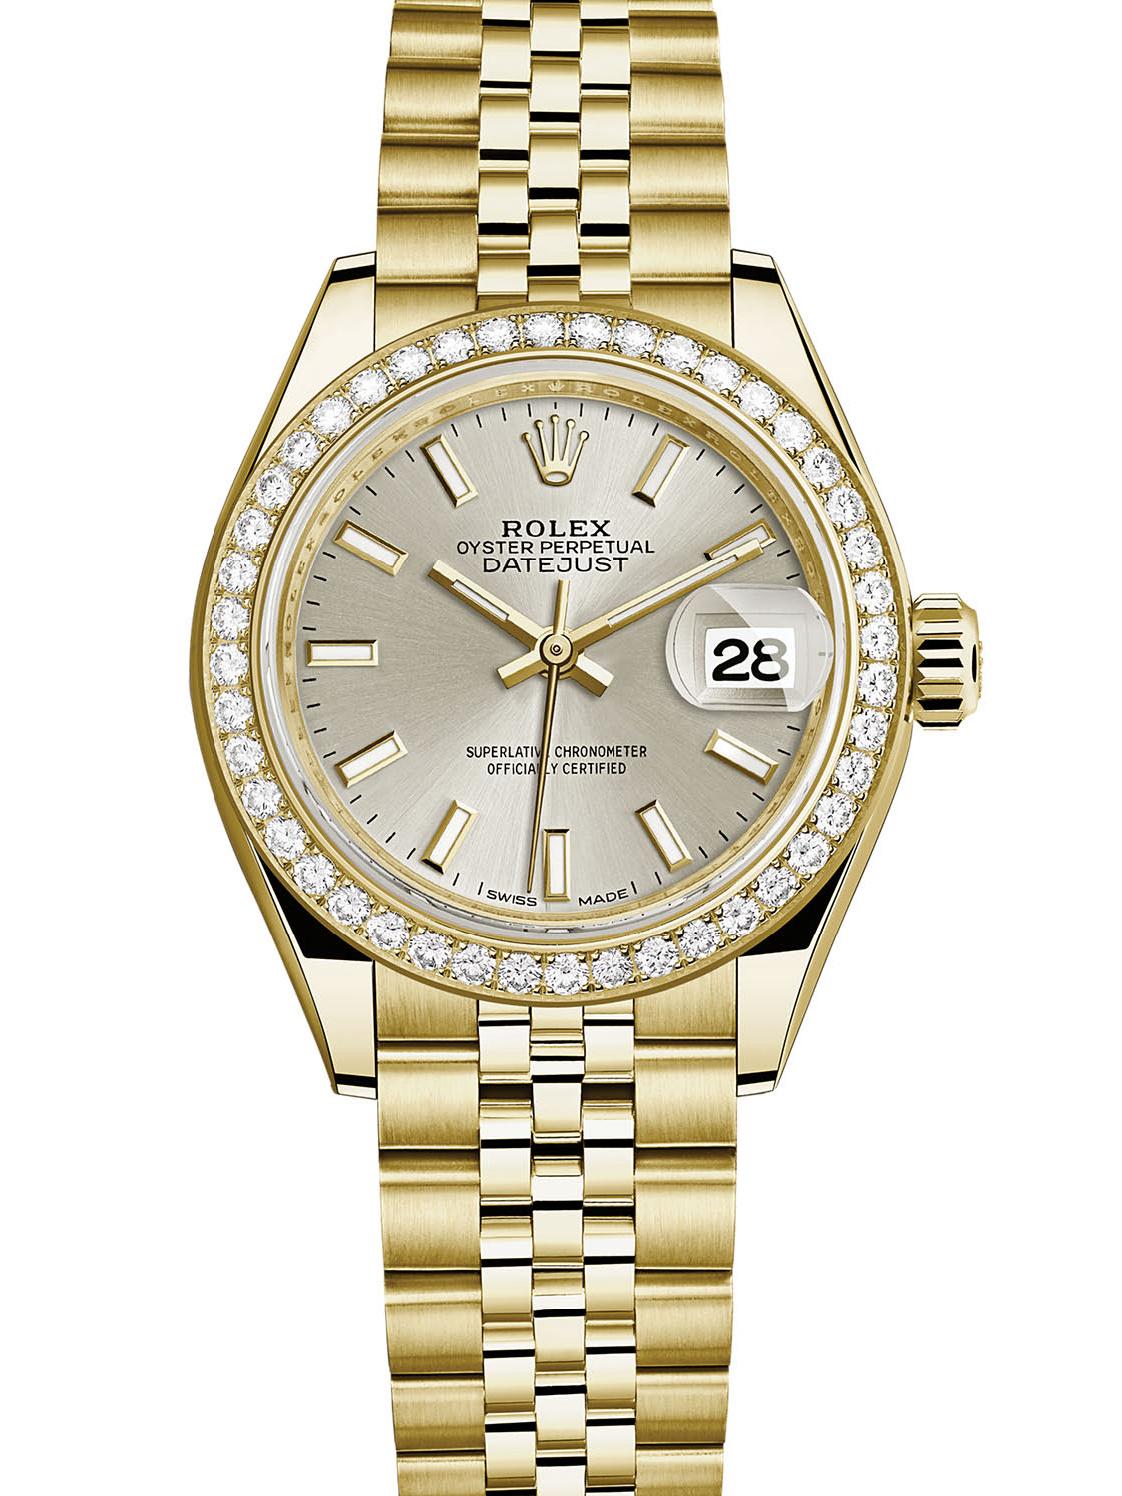 劳力士女装日志型28黄金钻圈银面女表279138RBR-0012